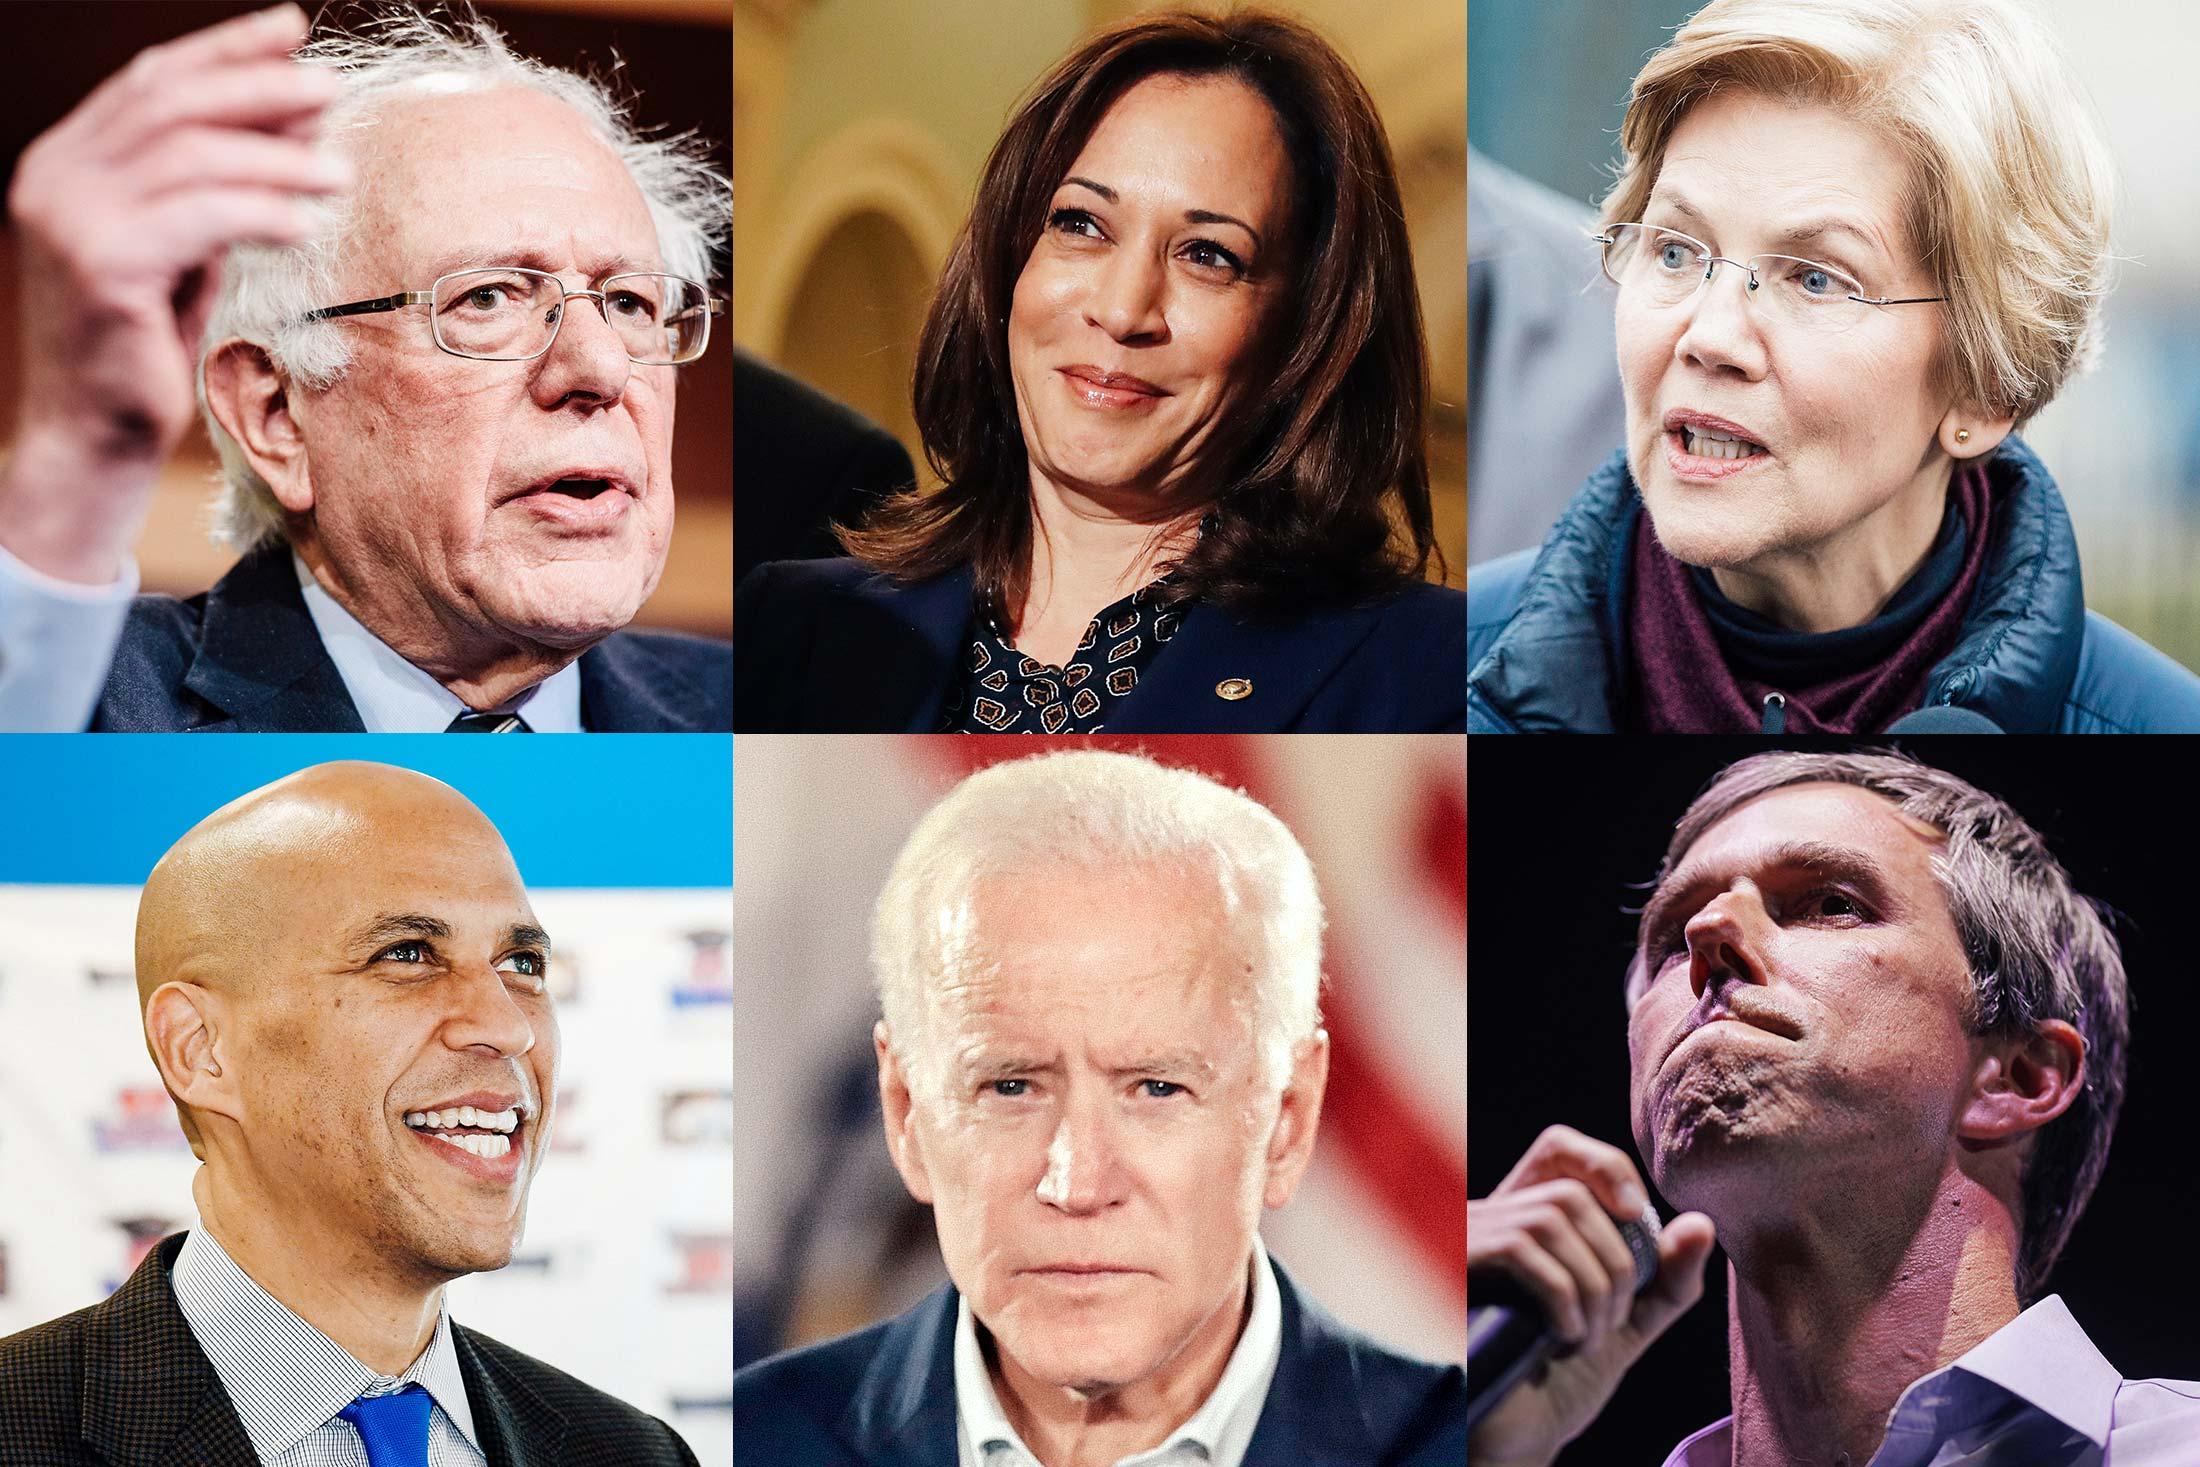 Bernie Sanders, Kamala Harris, Elizabeth Warren, Beto O'Rourke, Joe Biden, and Cory Booker.